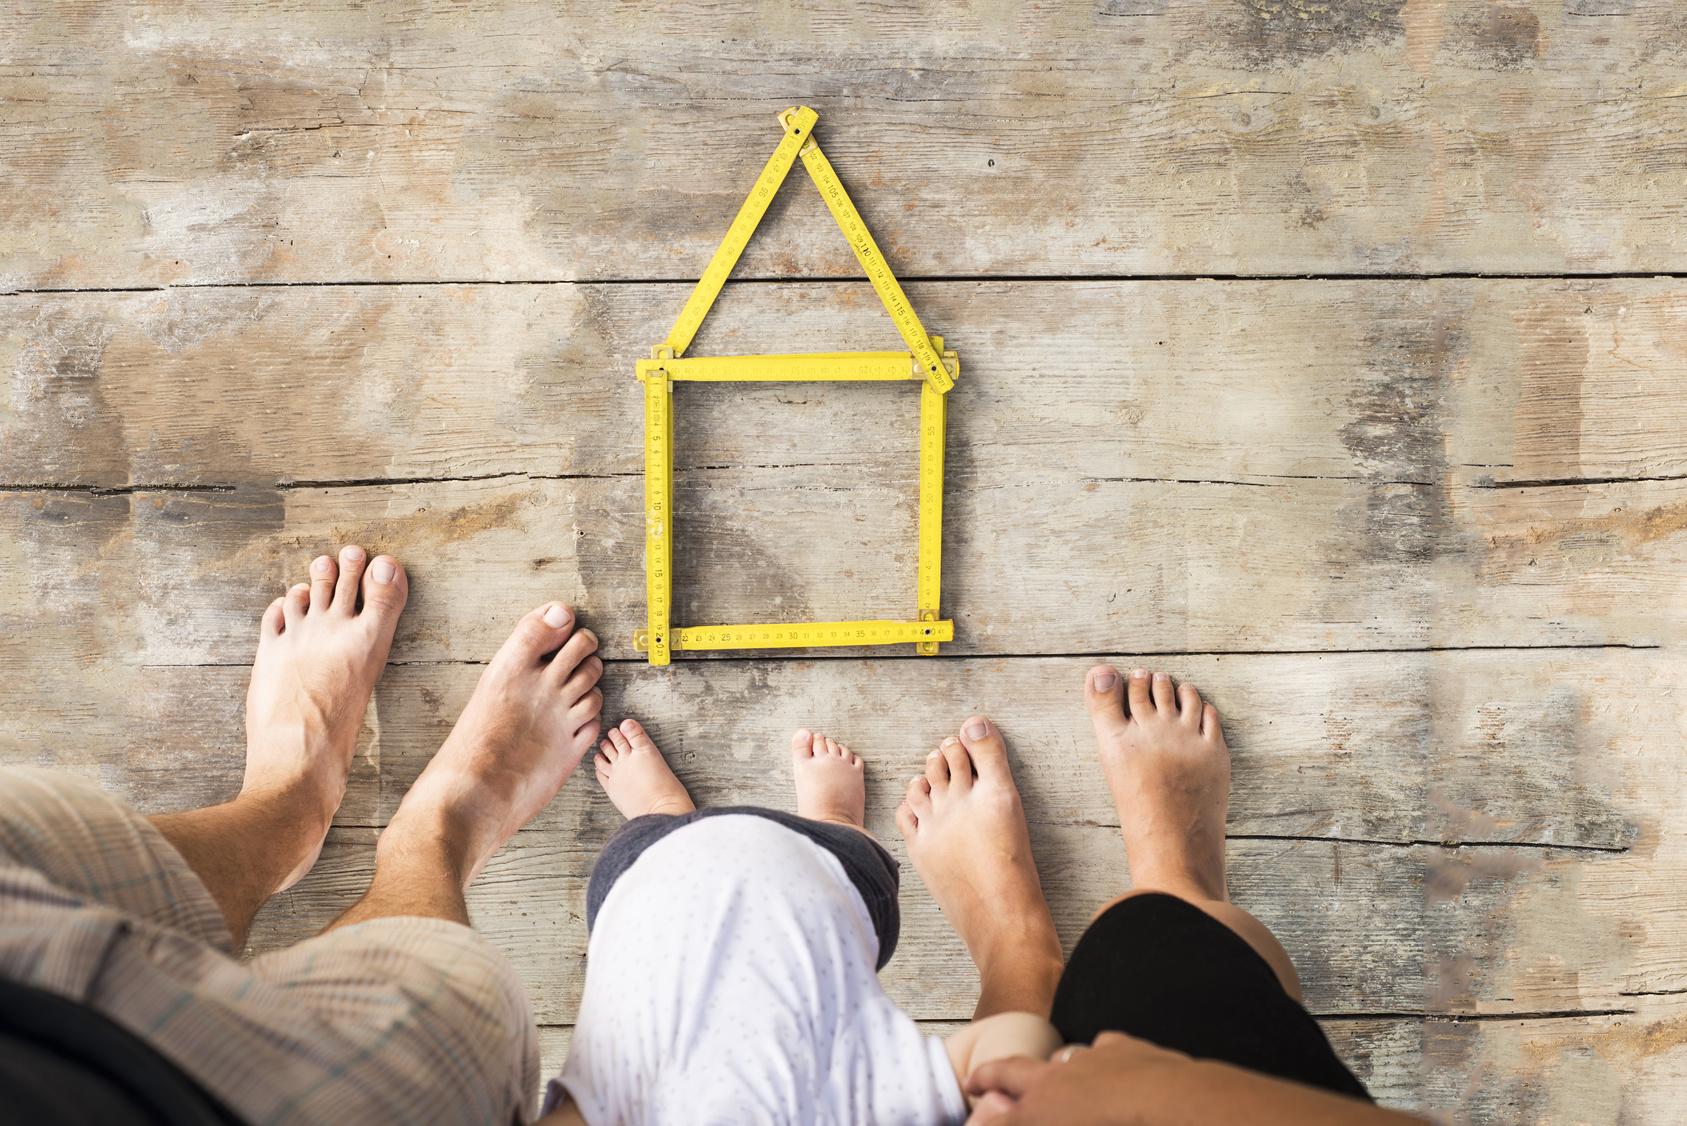 Choisir un prêt hypothécaire adapté